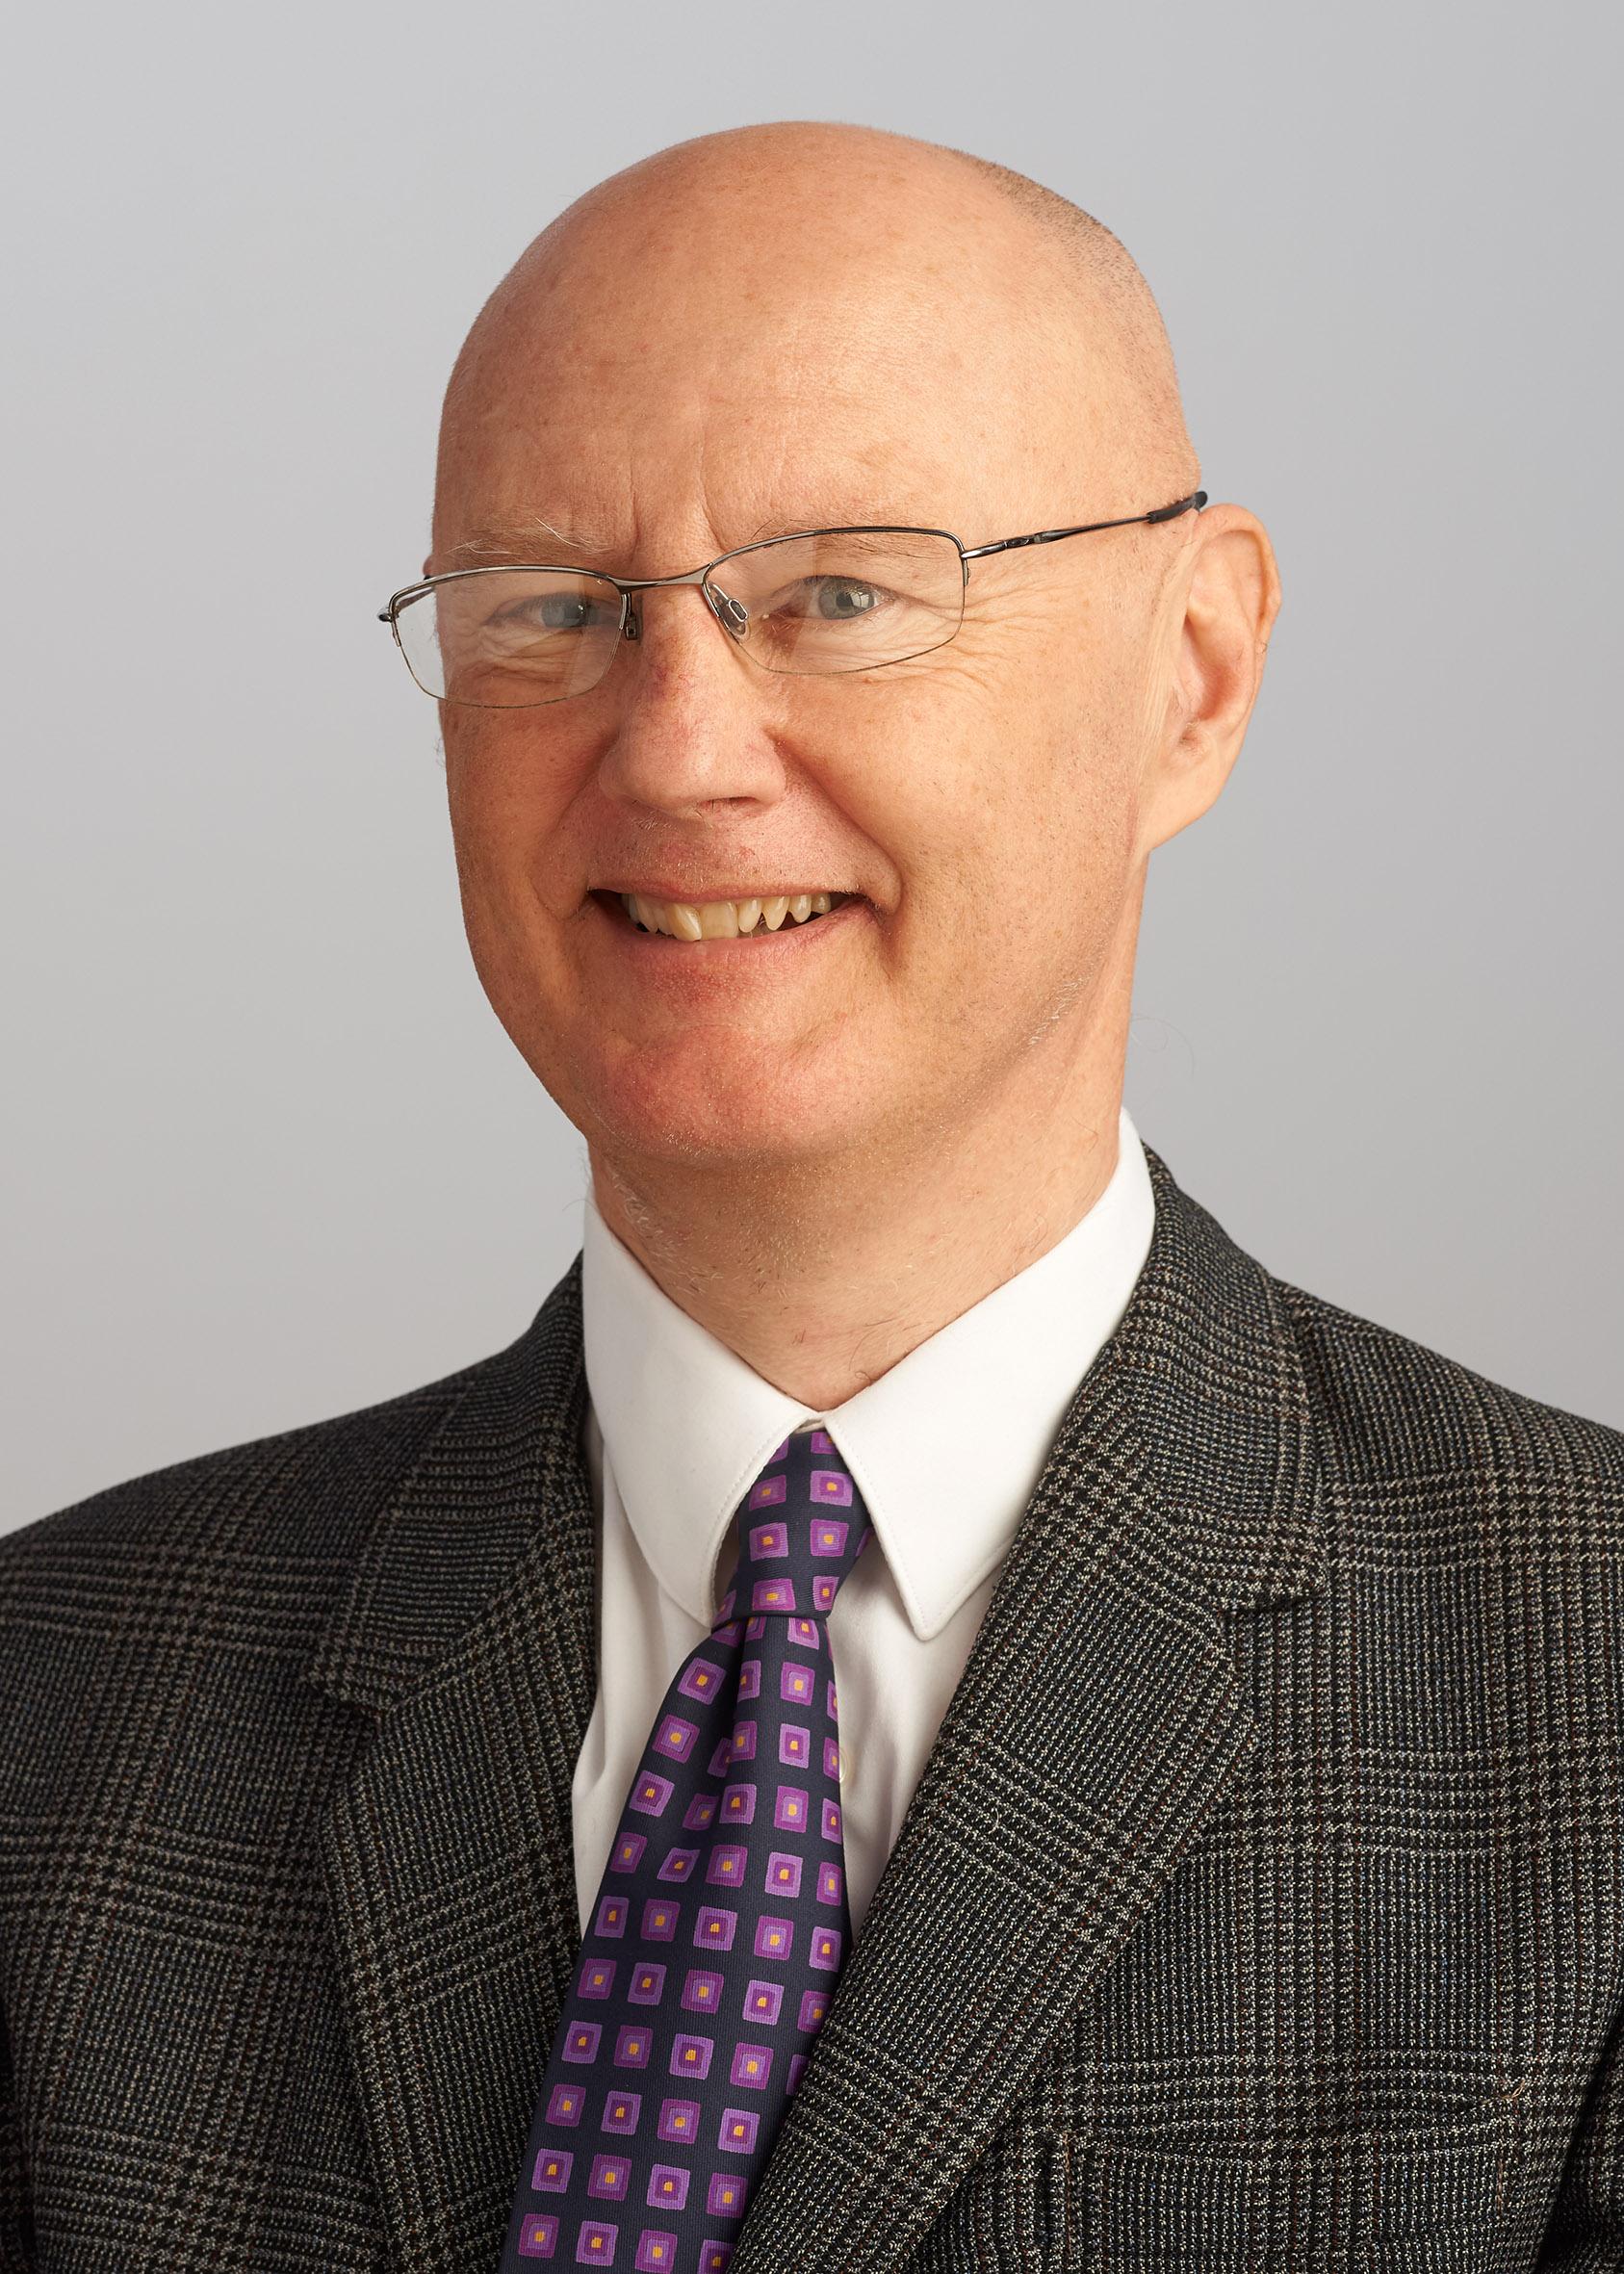 Tim Wye